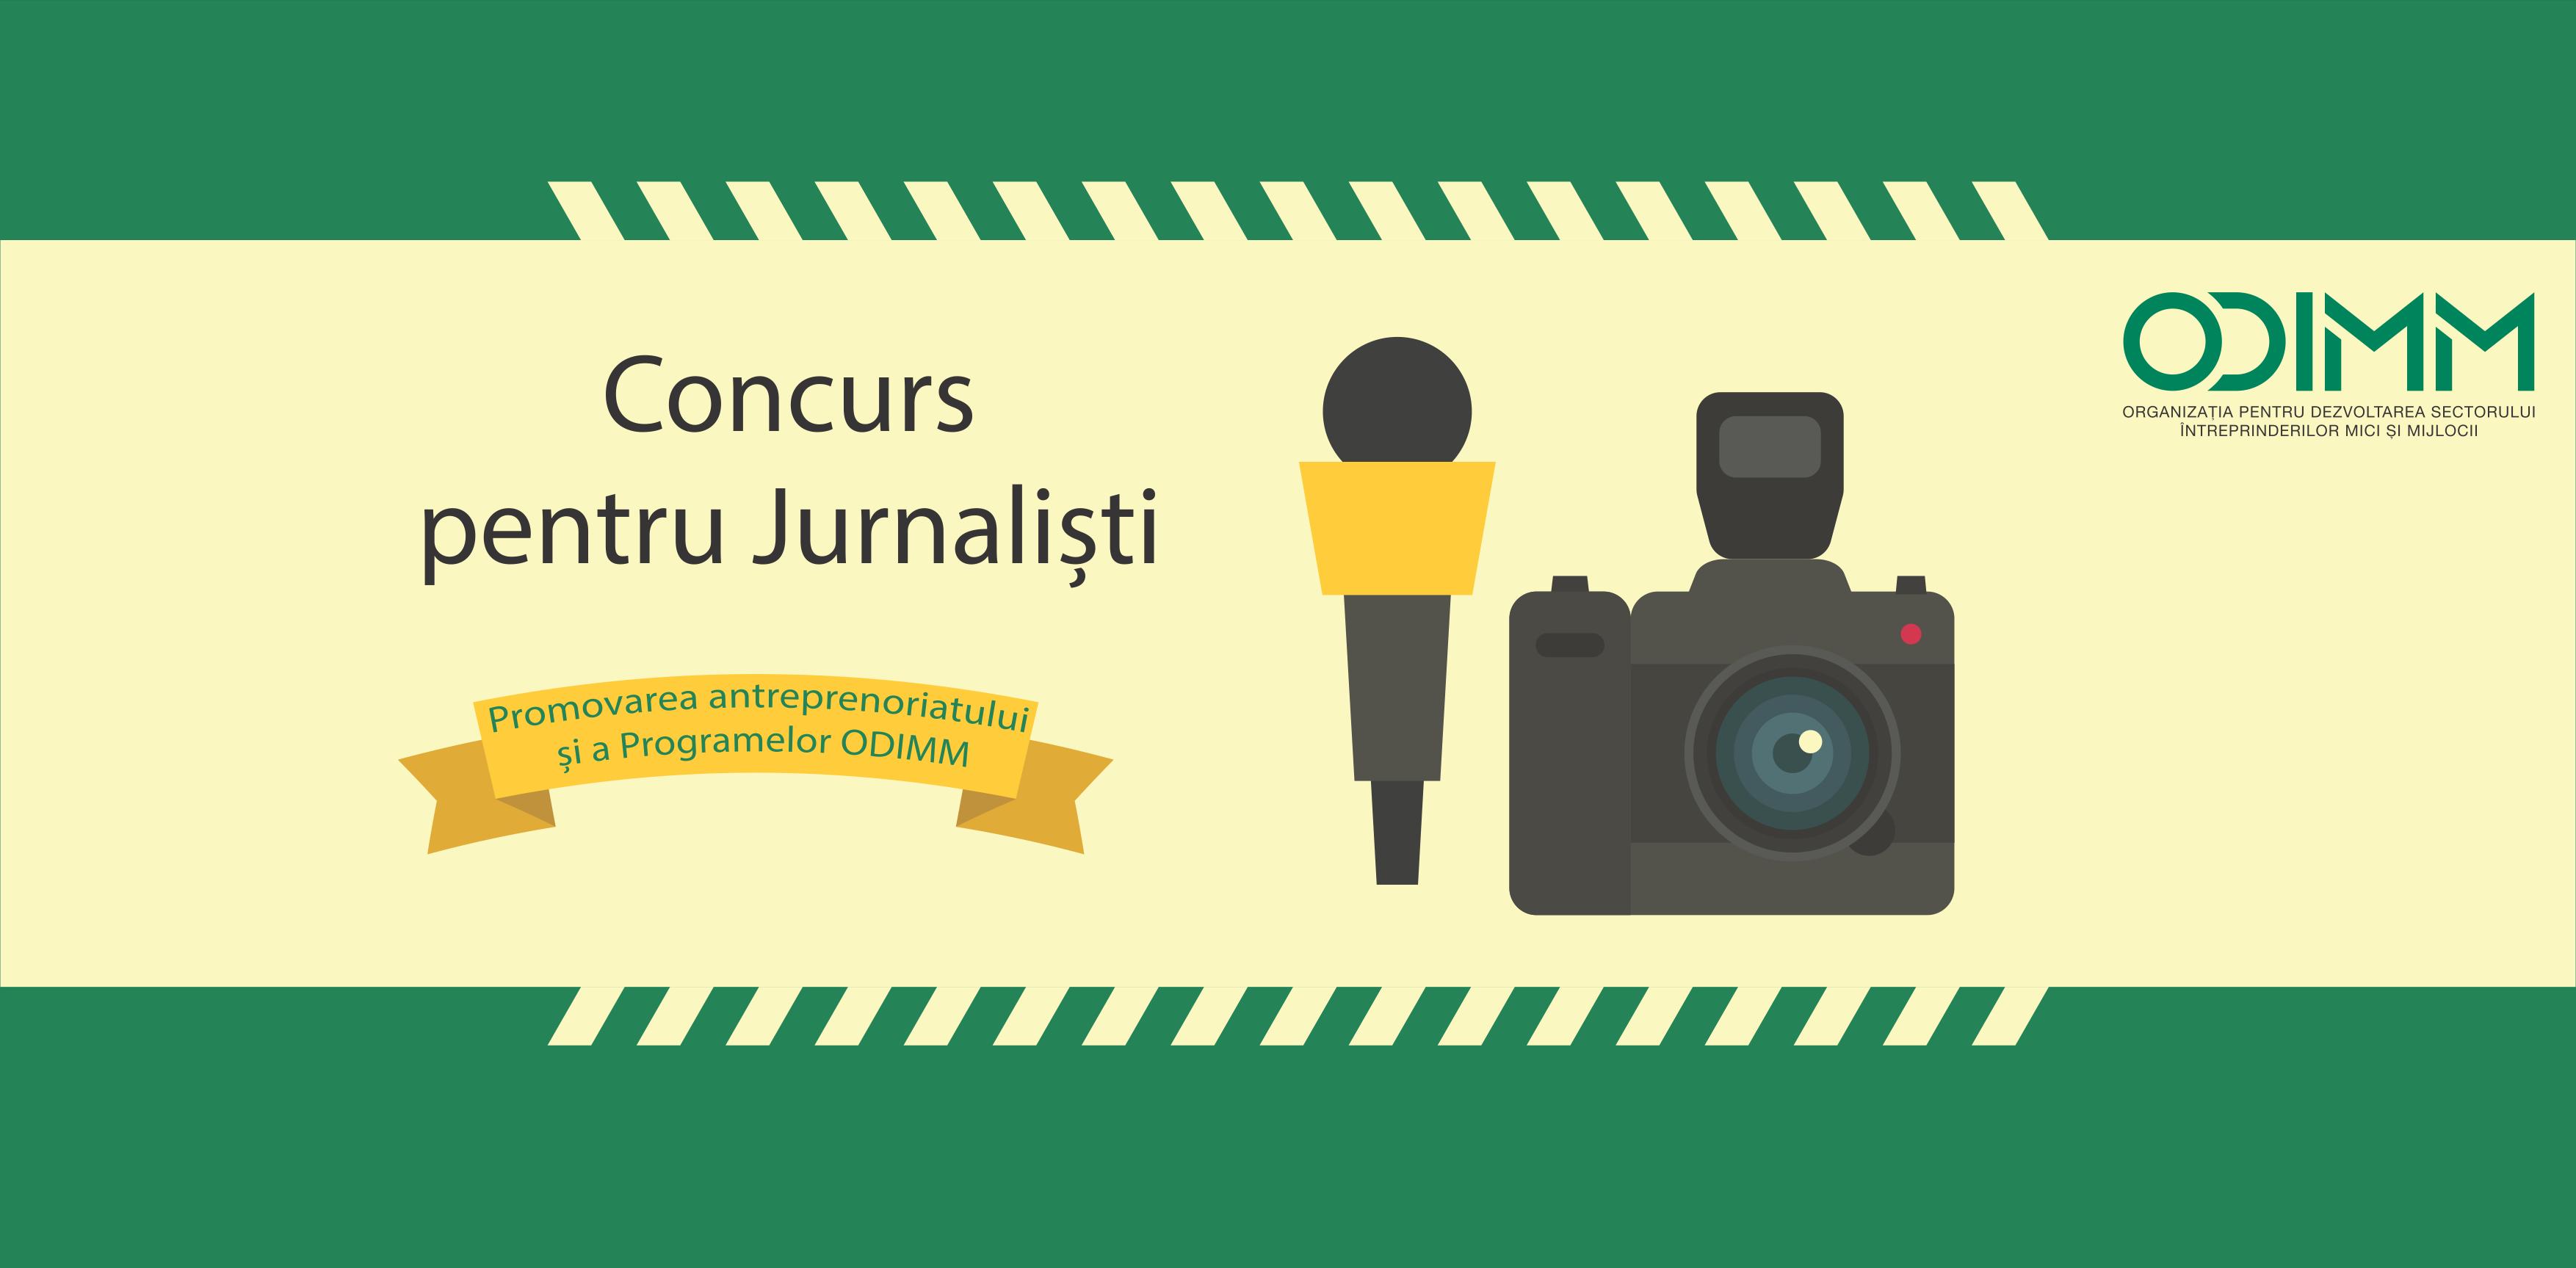 ODIMM lansează Concursul pentru jurnaliști